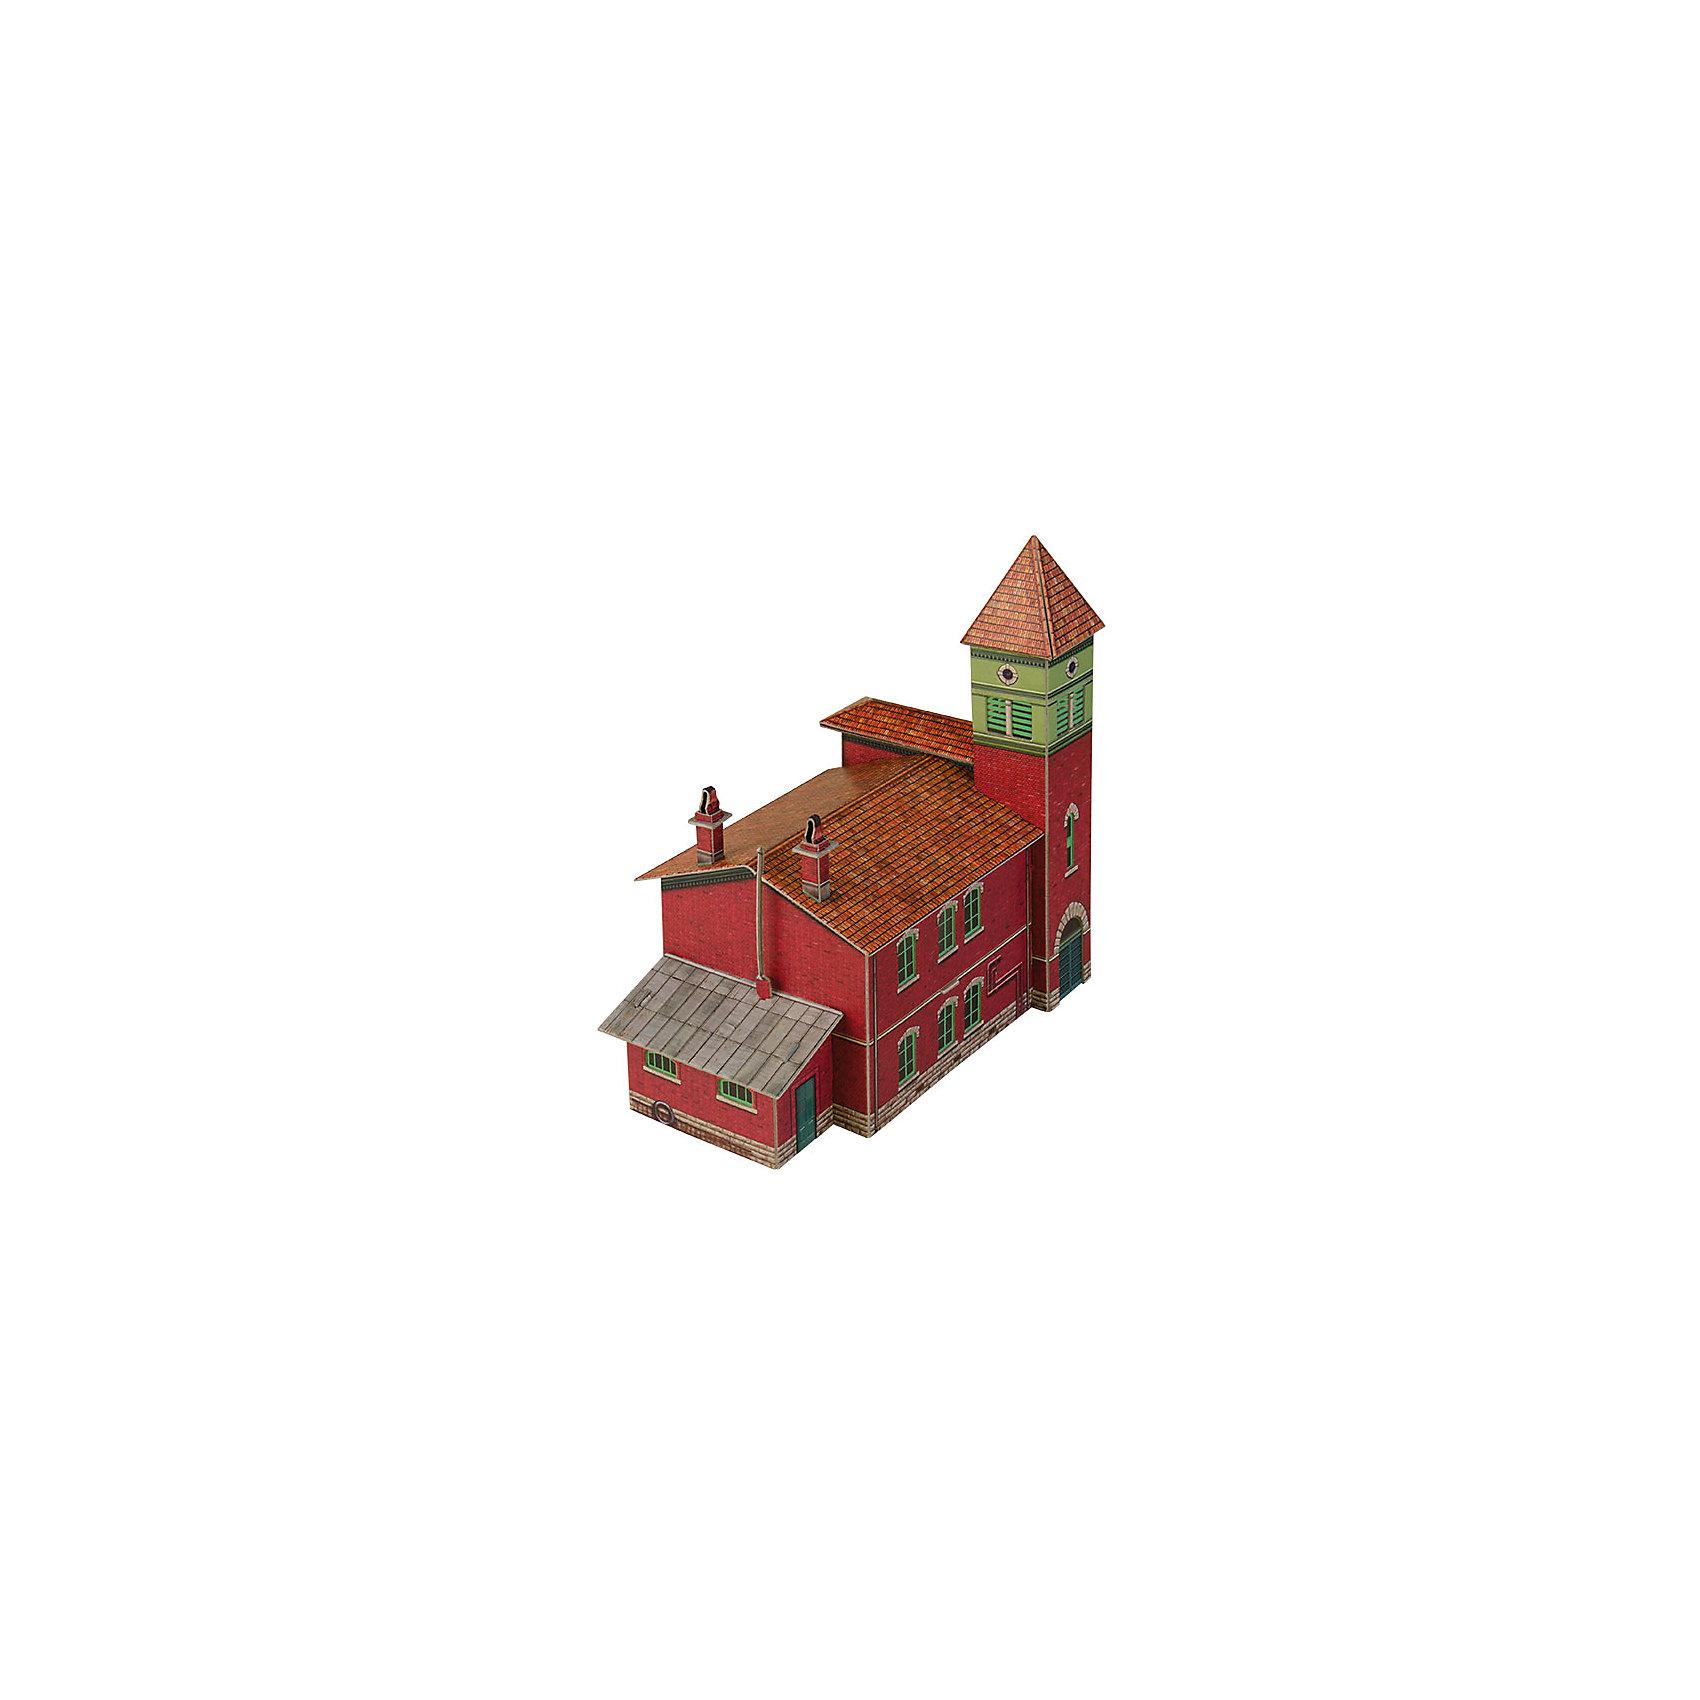 Сборная модель Пожарное депоМодели из картона и бумаги<br>Пожарное Депо - Сборная модель из картона. Серия: Масштабные модели.  Количество деталей, шт: 57. Размер в собранном виде, см: Депо - 17 х 18 х 10. Пожарная машина - 6 х 3 х 2. Размер упаковки, мм.:  высота 340 ширина 243 глубина 3. Тип упаковки: Картонная коробка. Вес, гр.: 156. Возраст: от 9 лет. Все модели и игрушки, созданные по технологии УМНАЯ БУМАГА собираются без ножниц и клея, что является их неповторимой особенностью.<br>Принцип соединения деталей запатентован. Соединения деталей продуманы и просчитаны с такой точностью, что при правильной сборке с моделью можно играть, как с обычной игрушкой.<br><br>Ширина мм: 243<br>Глубина мм: 3<br>Высота мм: 340<br>Вес г: 156<br>Возраст от месяцев: 84<br>Возраст до месяцев: 2147483647<br>Пол: Унисекс<br>Возраст: Детский<br>SKU: 4807462